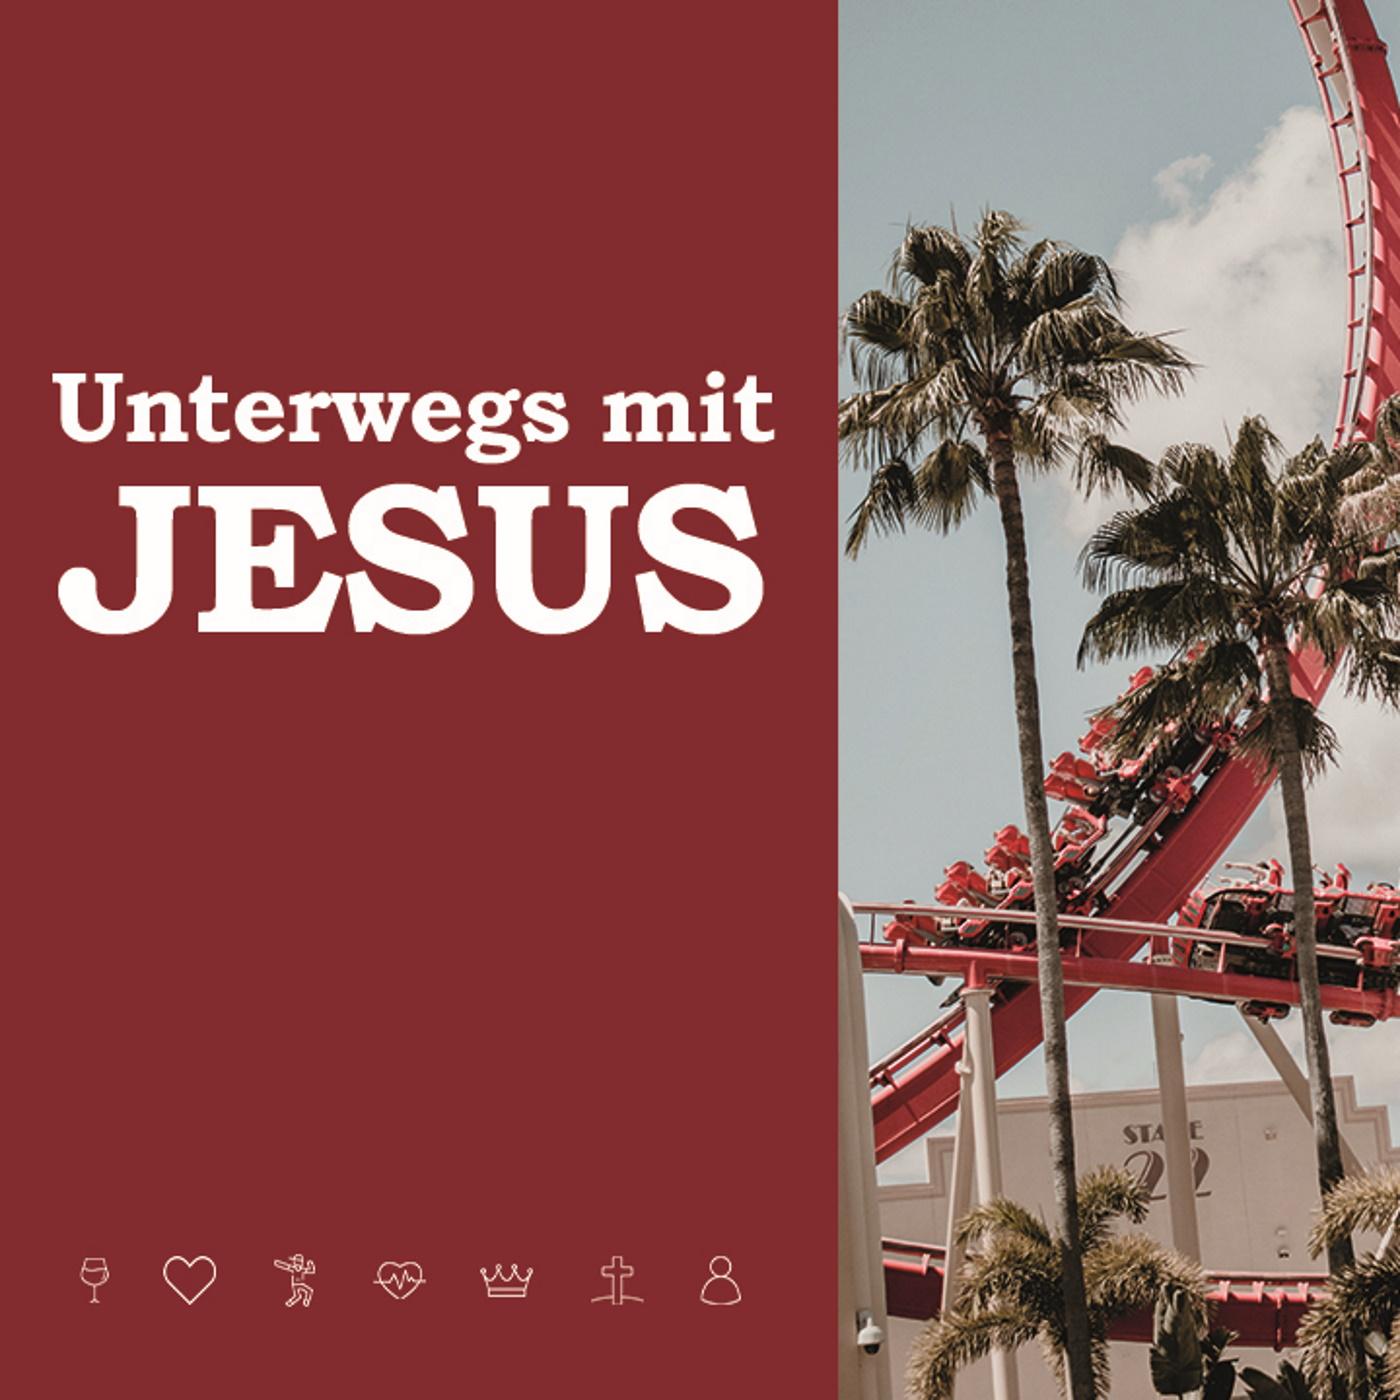 Unterwegs mit Jesus - Darf ich vorstellen? Der König! [video]